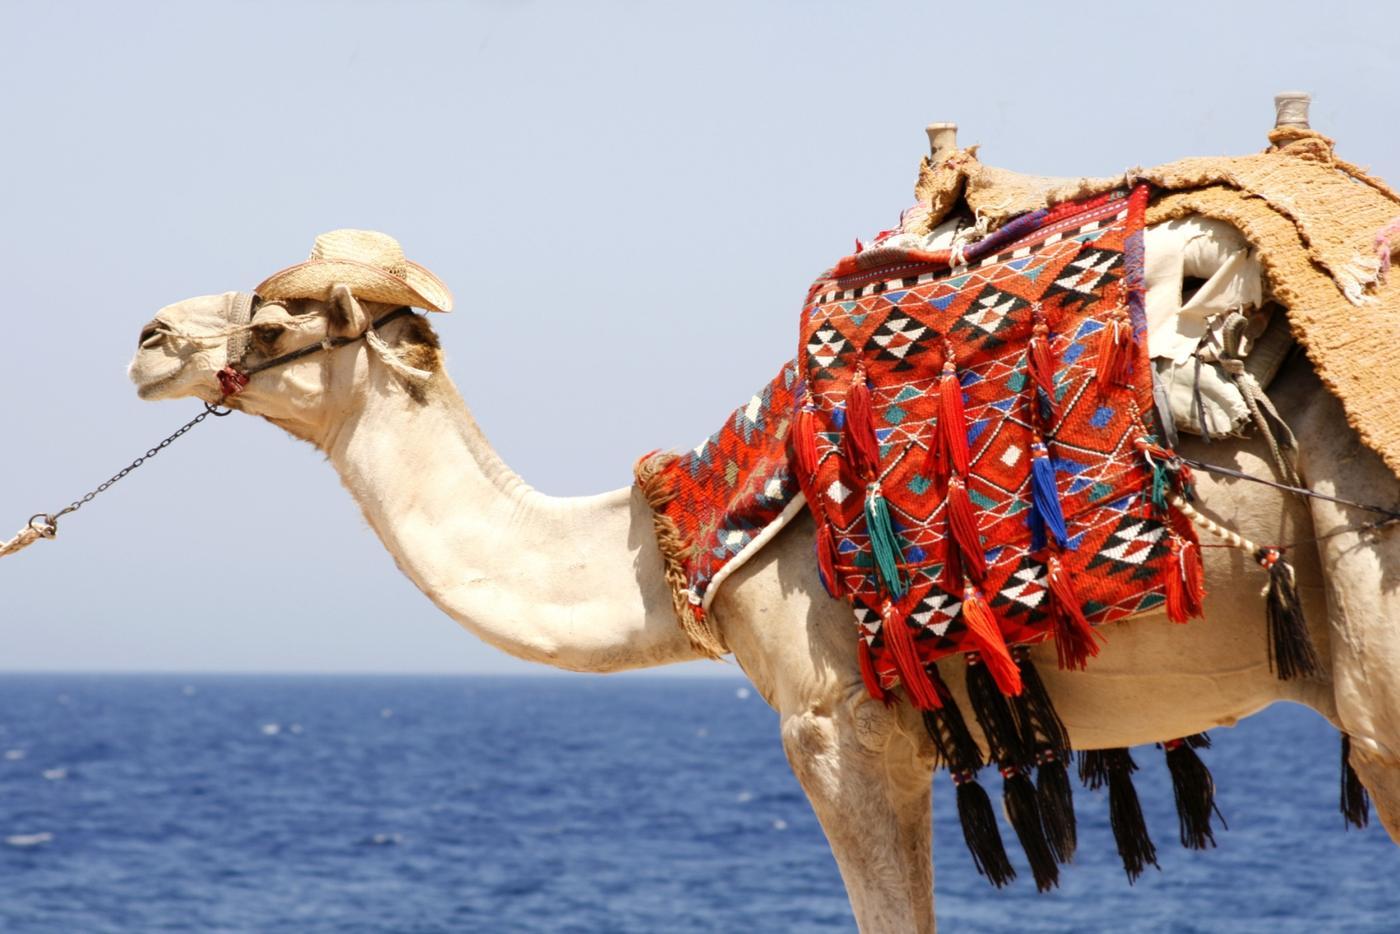 Photo Tour of Egypt & Red Sea 2